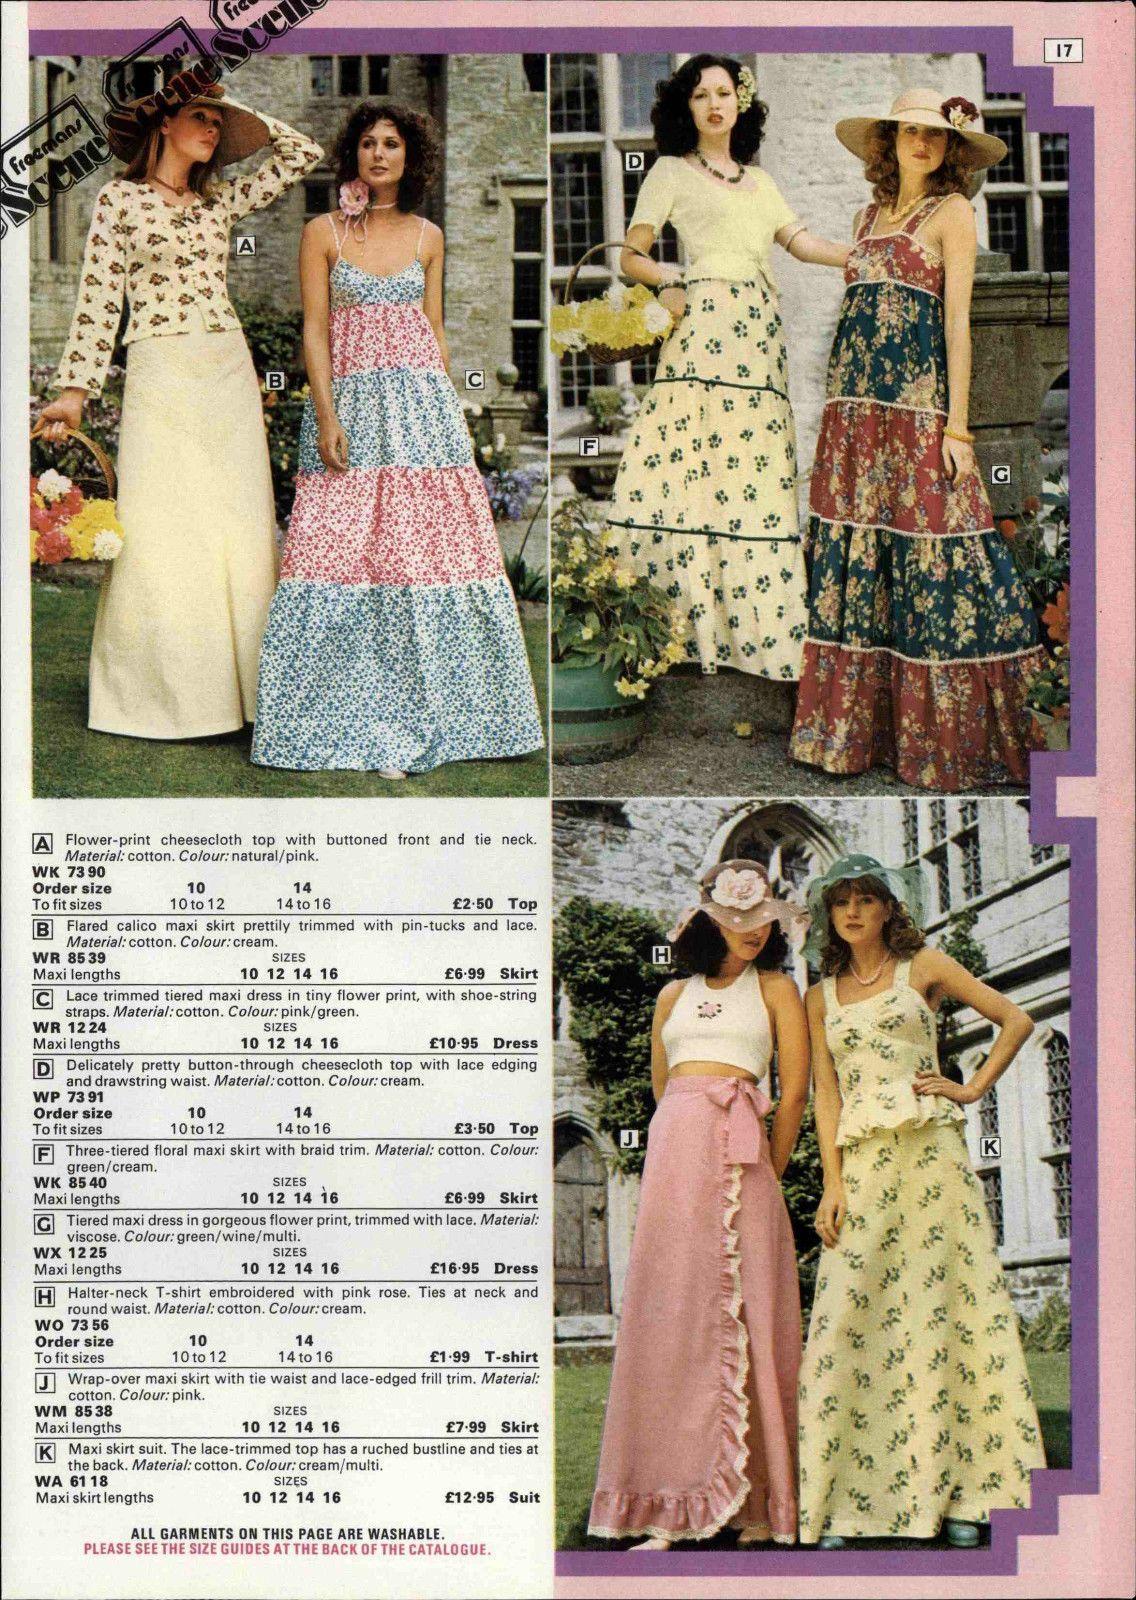 Sears Catalog 1973 Womensfashiondresses Women S Fashion